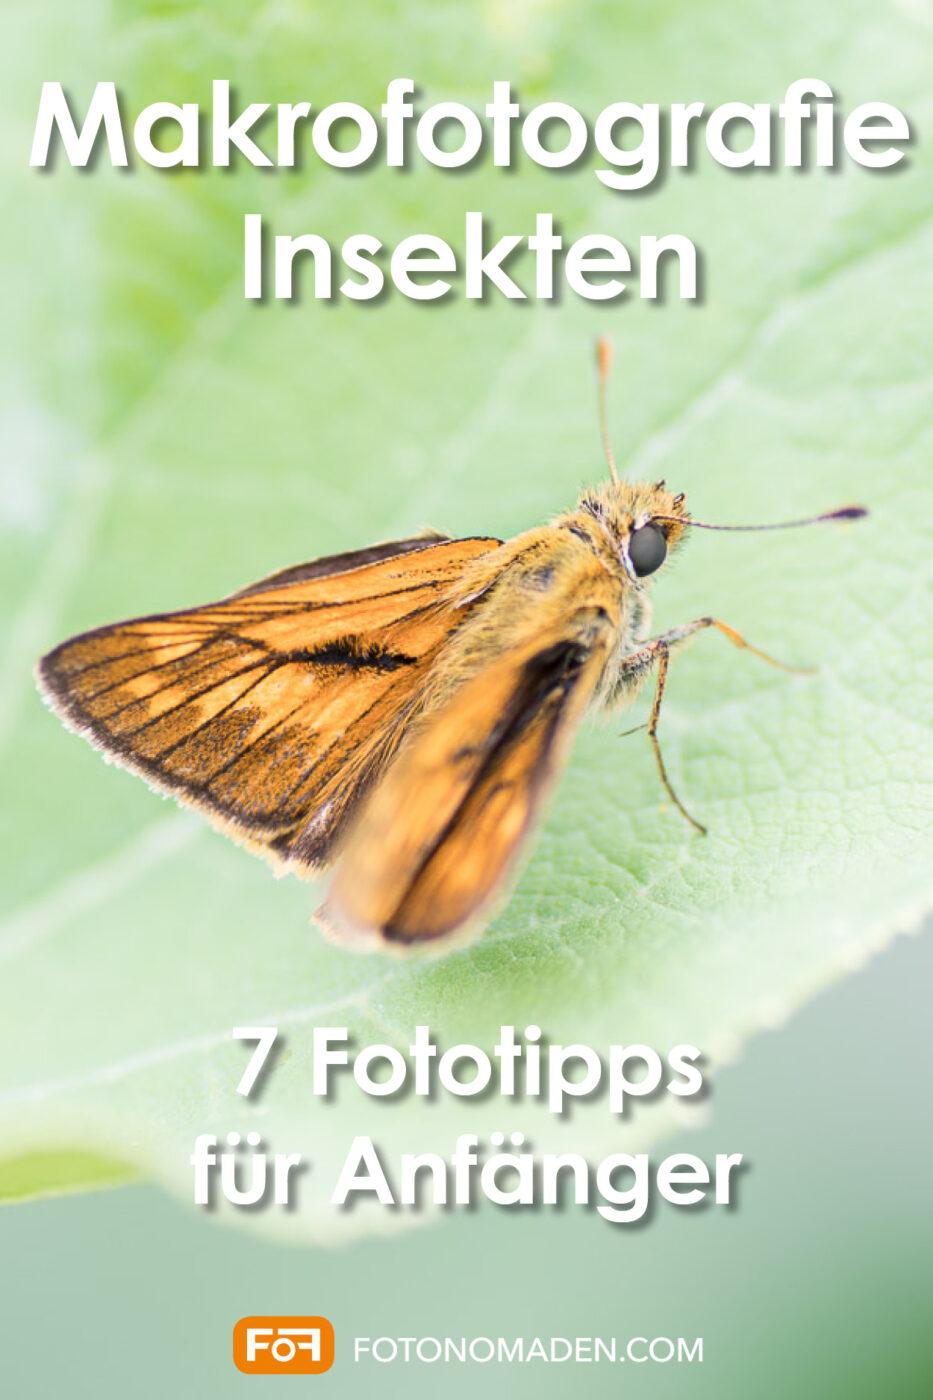 Makrofotografie Insekten Pinterest Pin